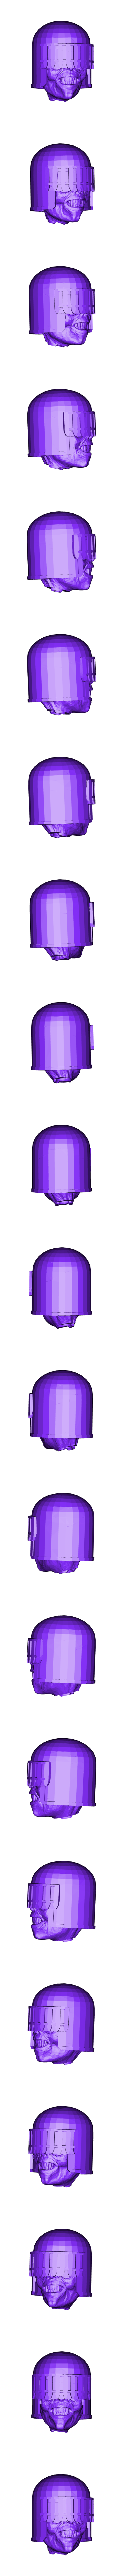 LIL_death__head_2_PRINT.stl Download free STL file Lil' Judgie Death • 3D printable object, atarka3